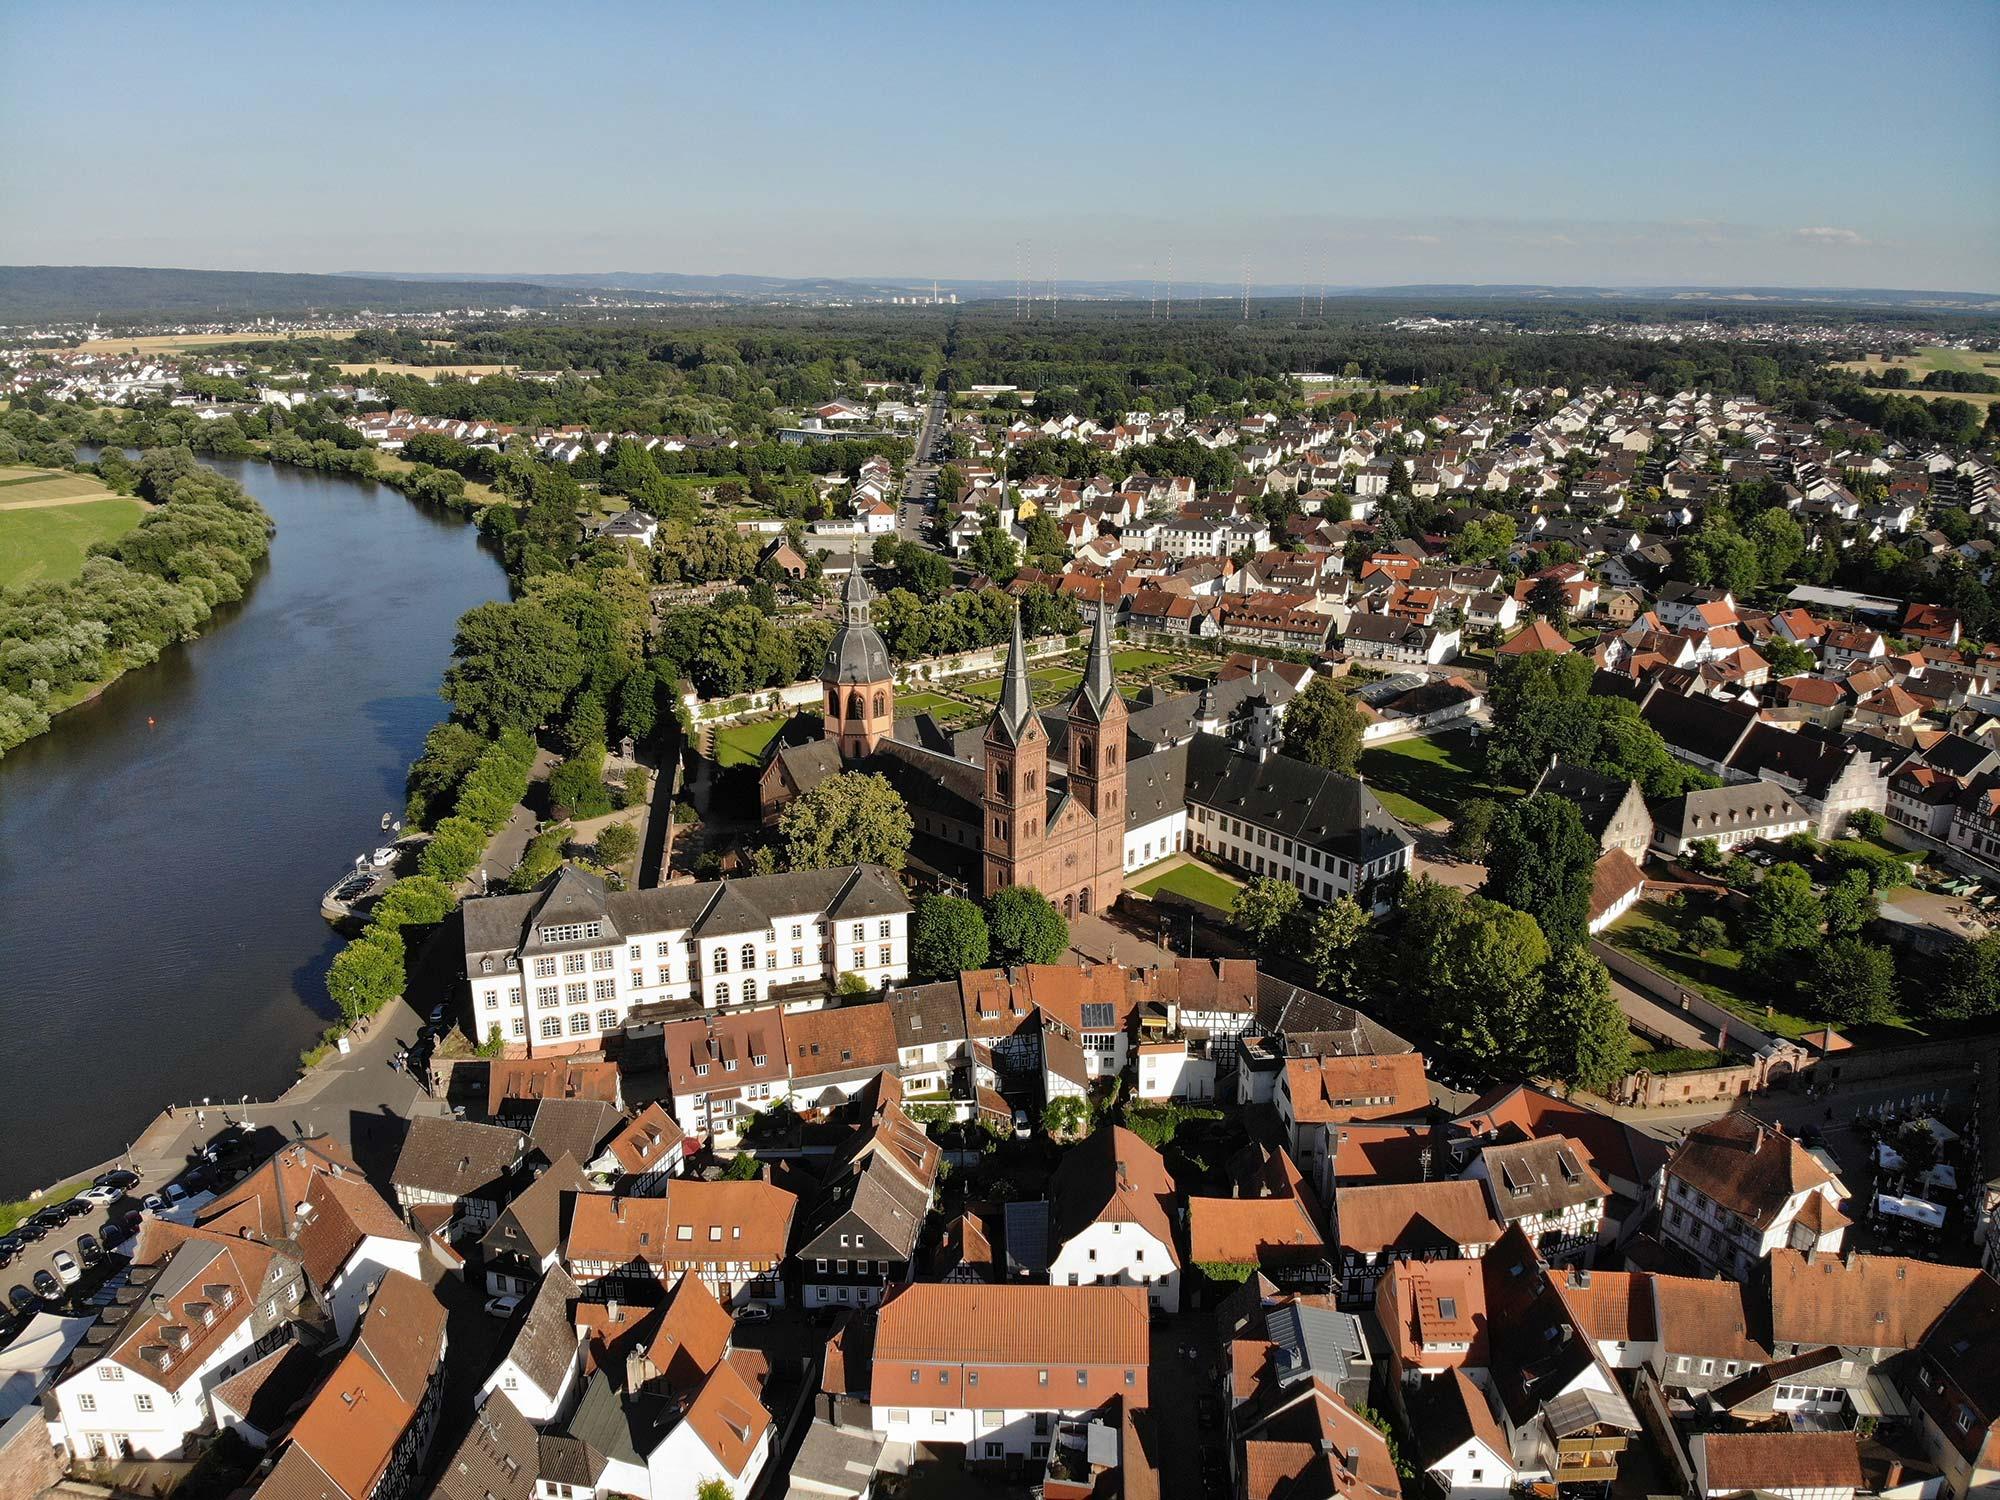 Seligenstadt Panorama - Luftaufnahme Seligenstadt am Main - Rhein-Main-Region